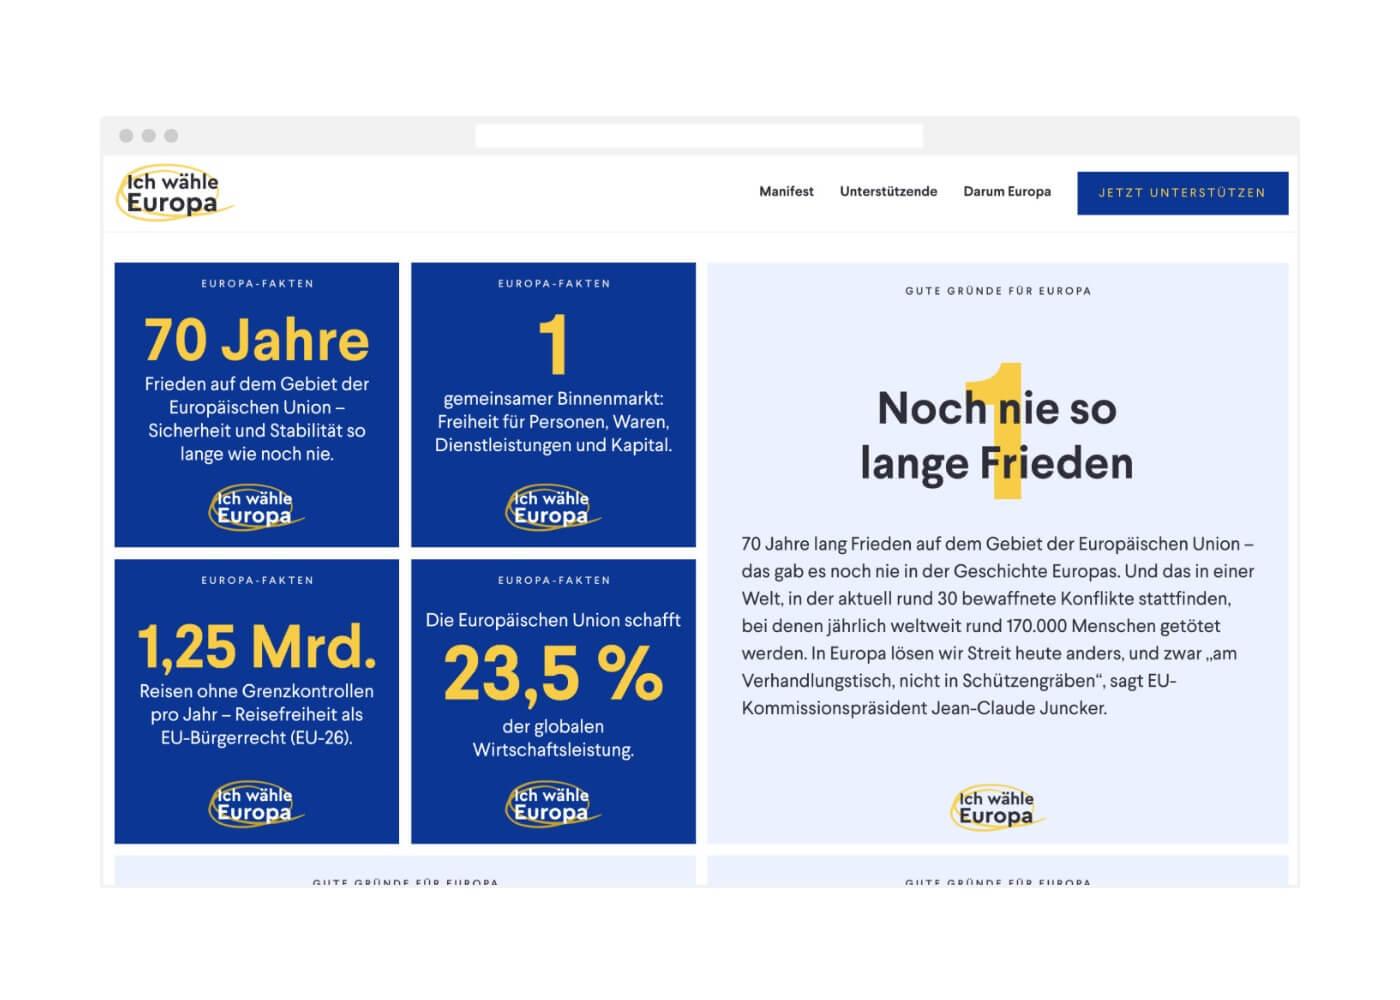 Ich wähle Europa Webdesign